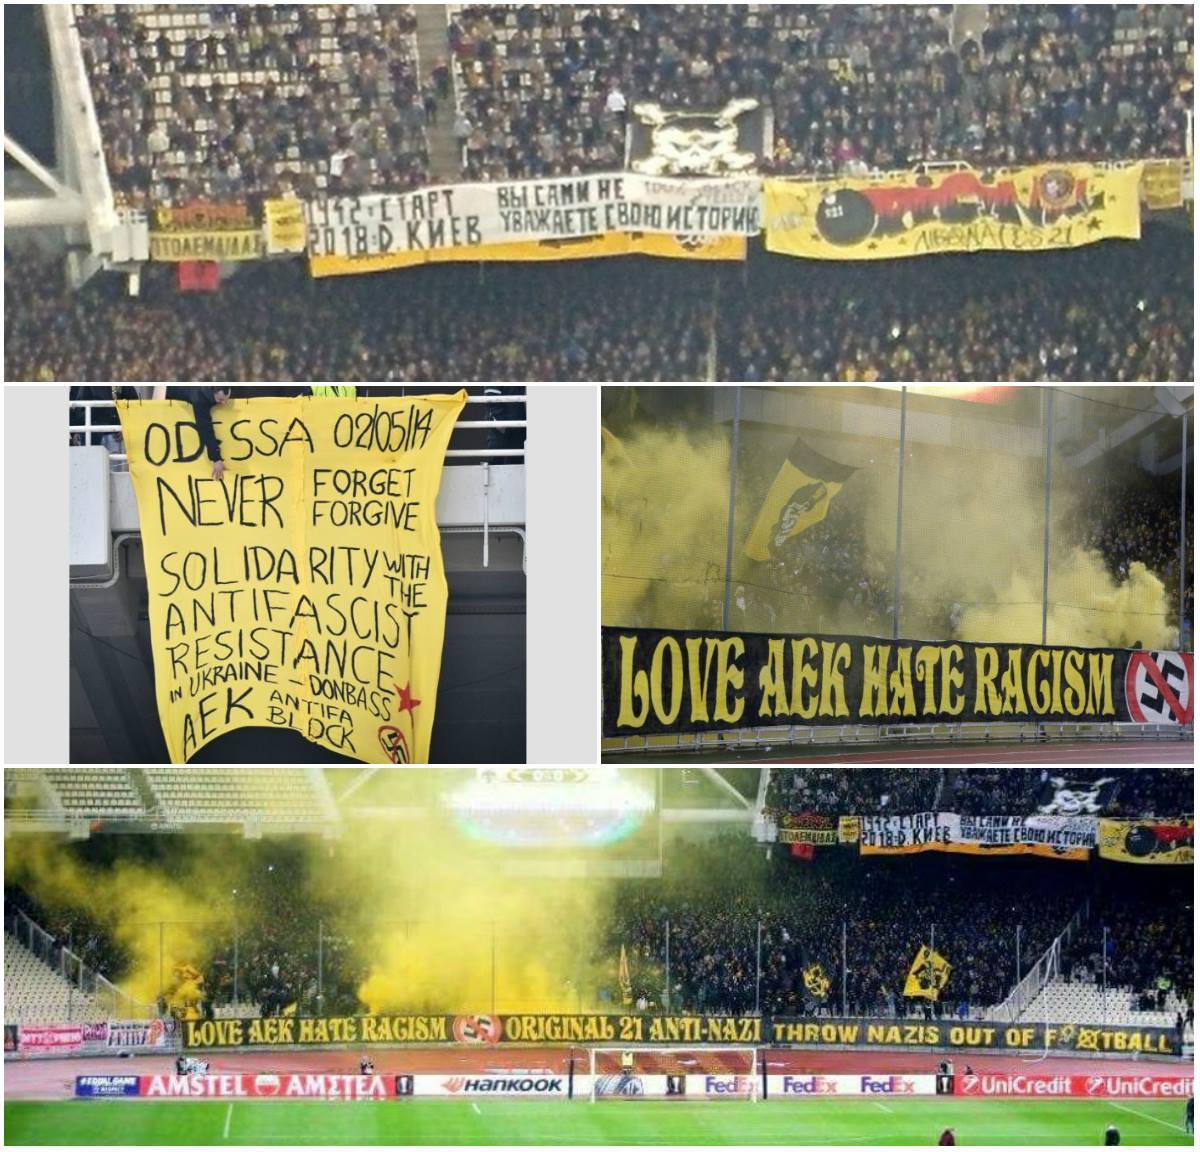 Баннеры, которые вывешивали греческие фанаты на матче 15 февраля в Афинах